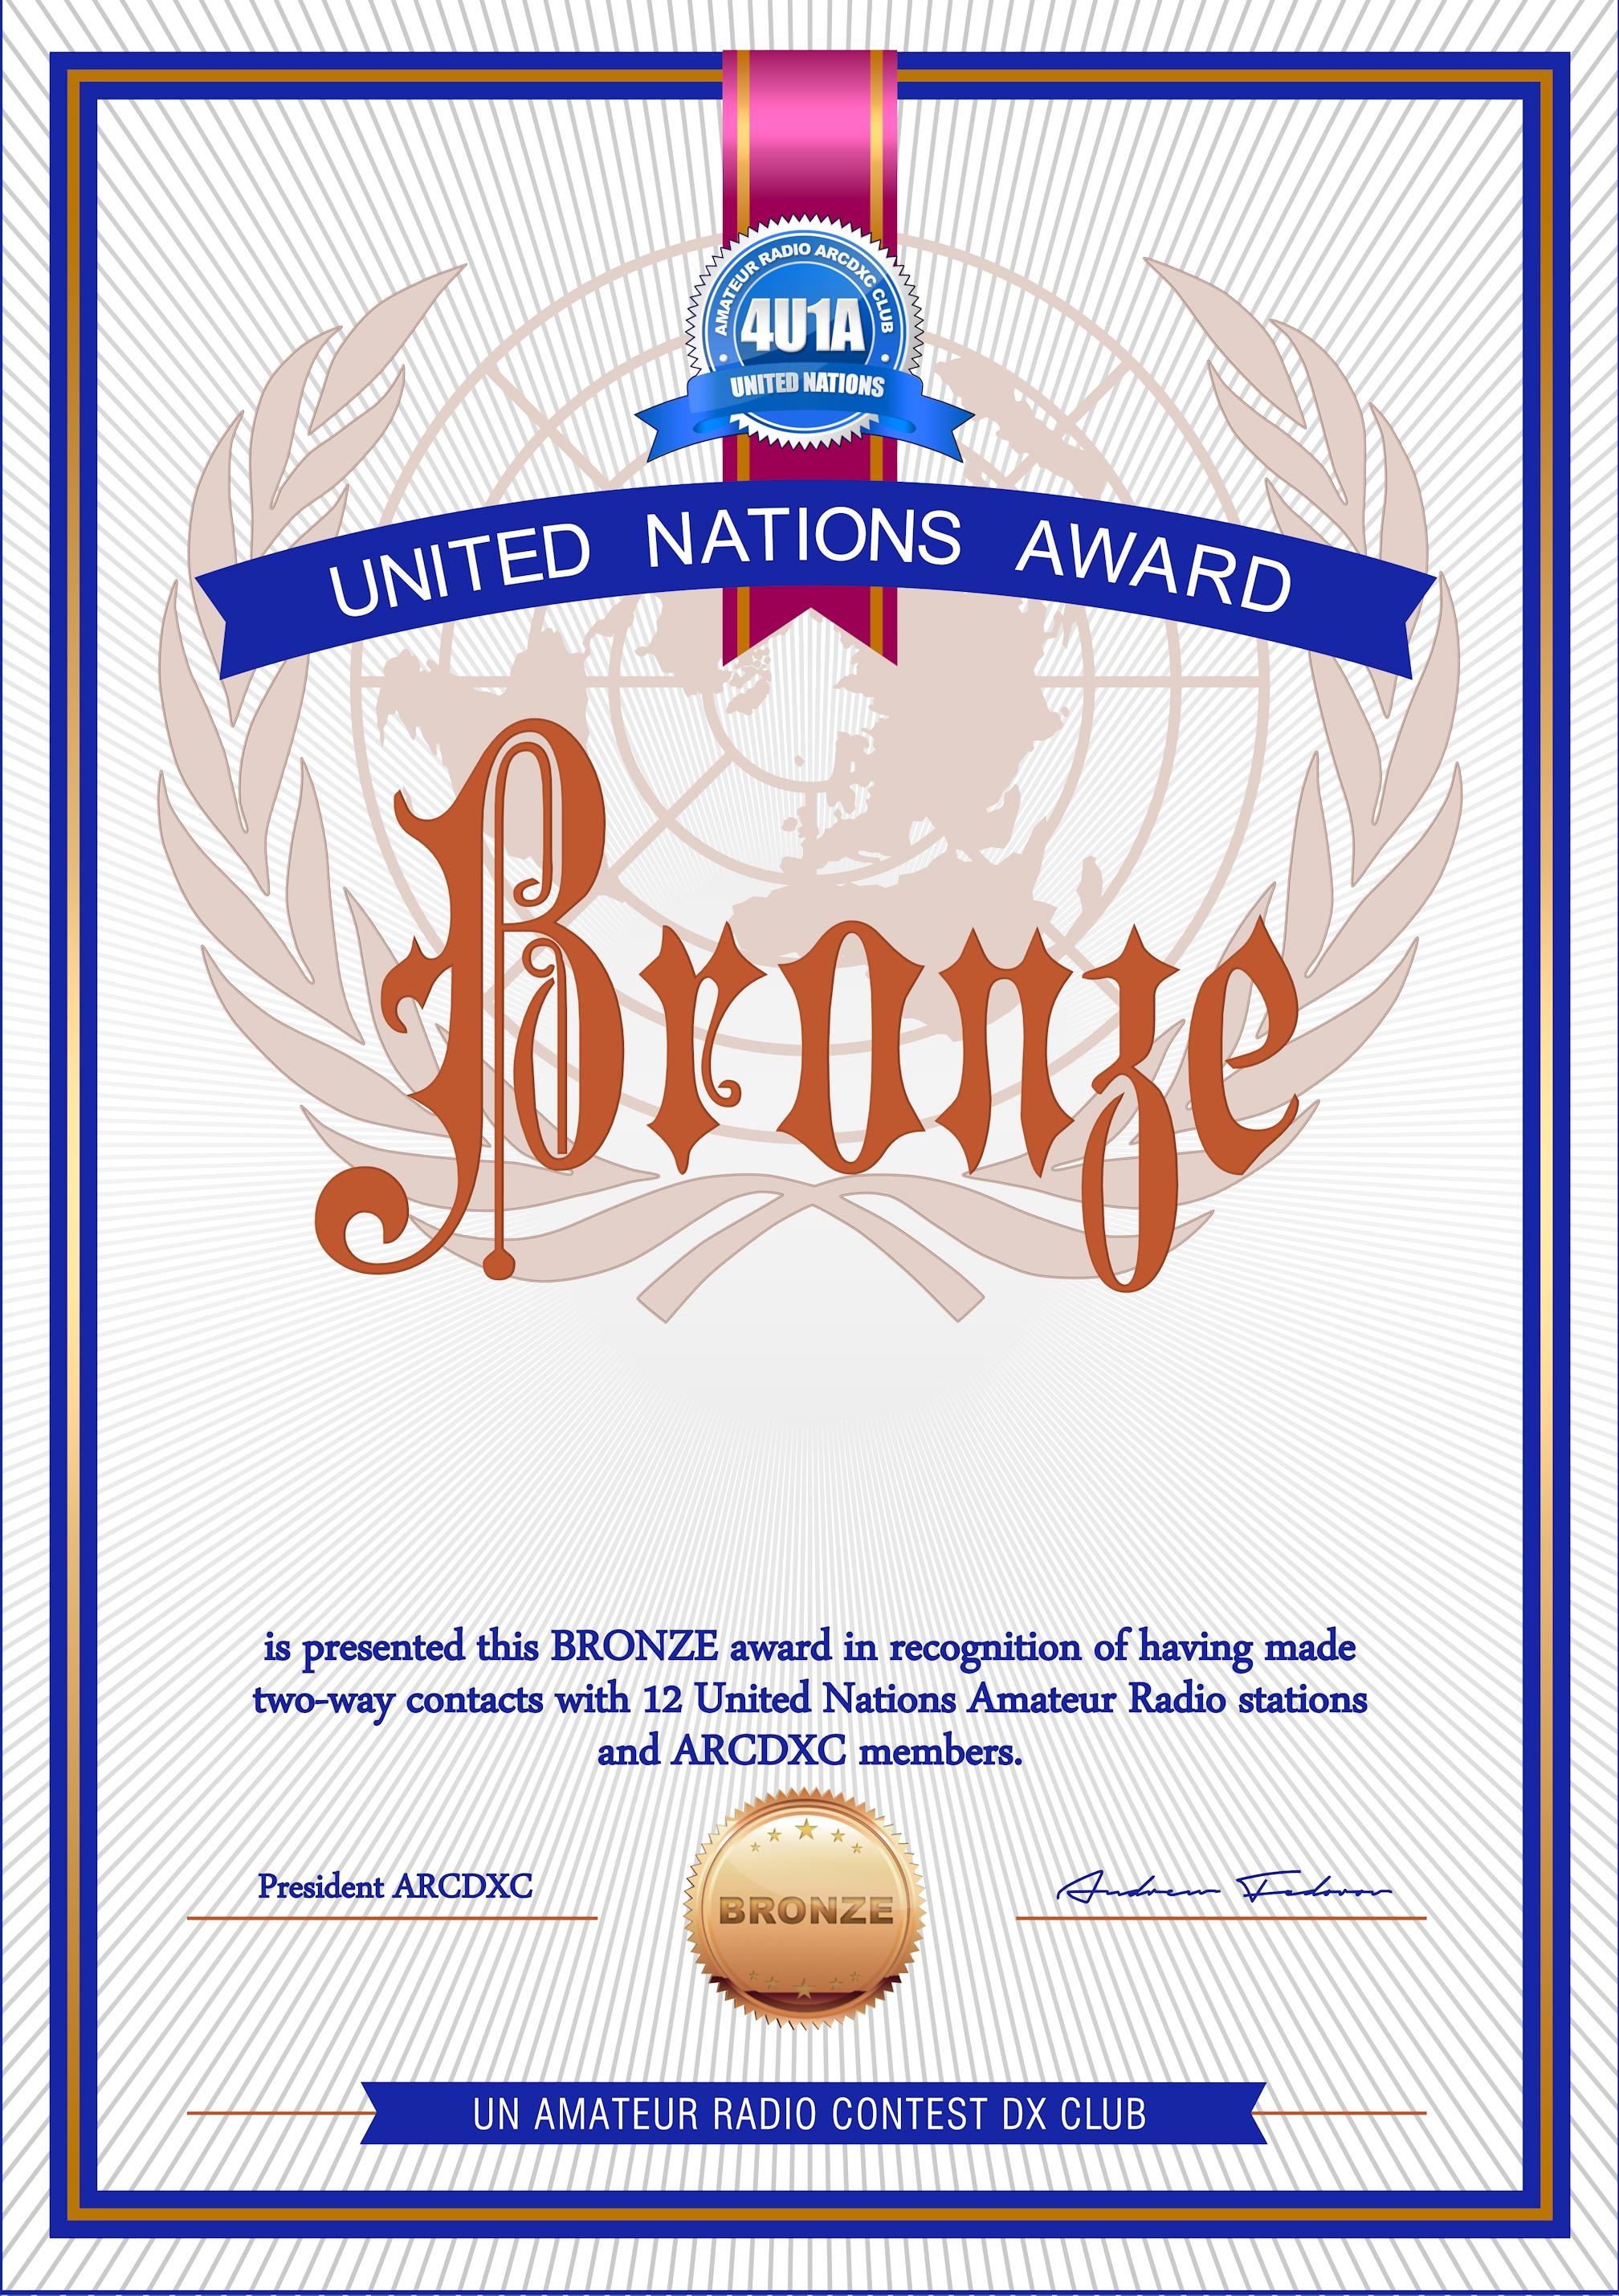 Нажмите на изображение для увеличения.  Название:Bronze-2.jpg Просмотров:1 Размер:1.78 Мб ID:195761